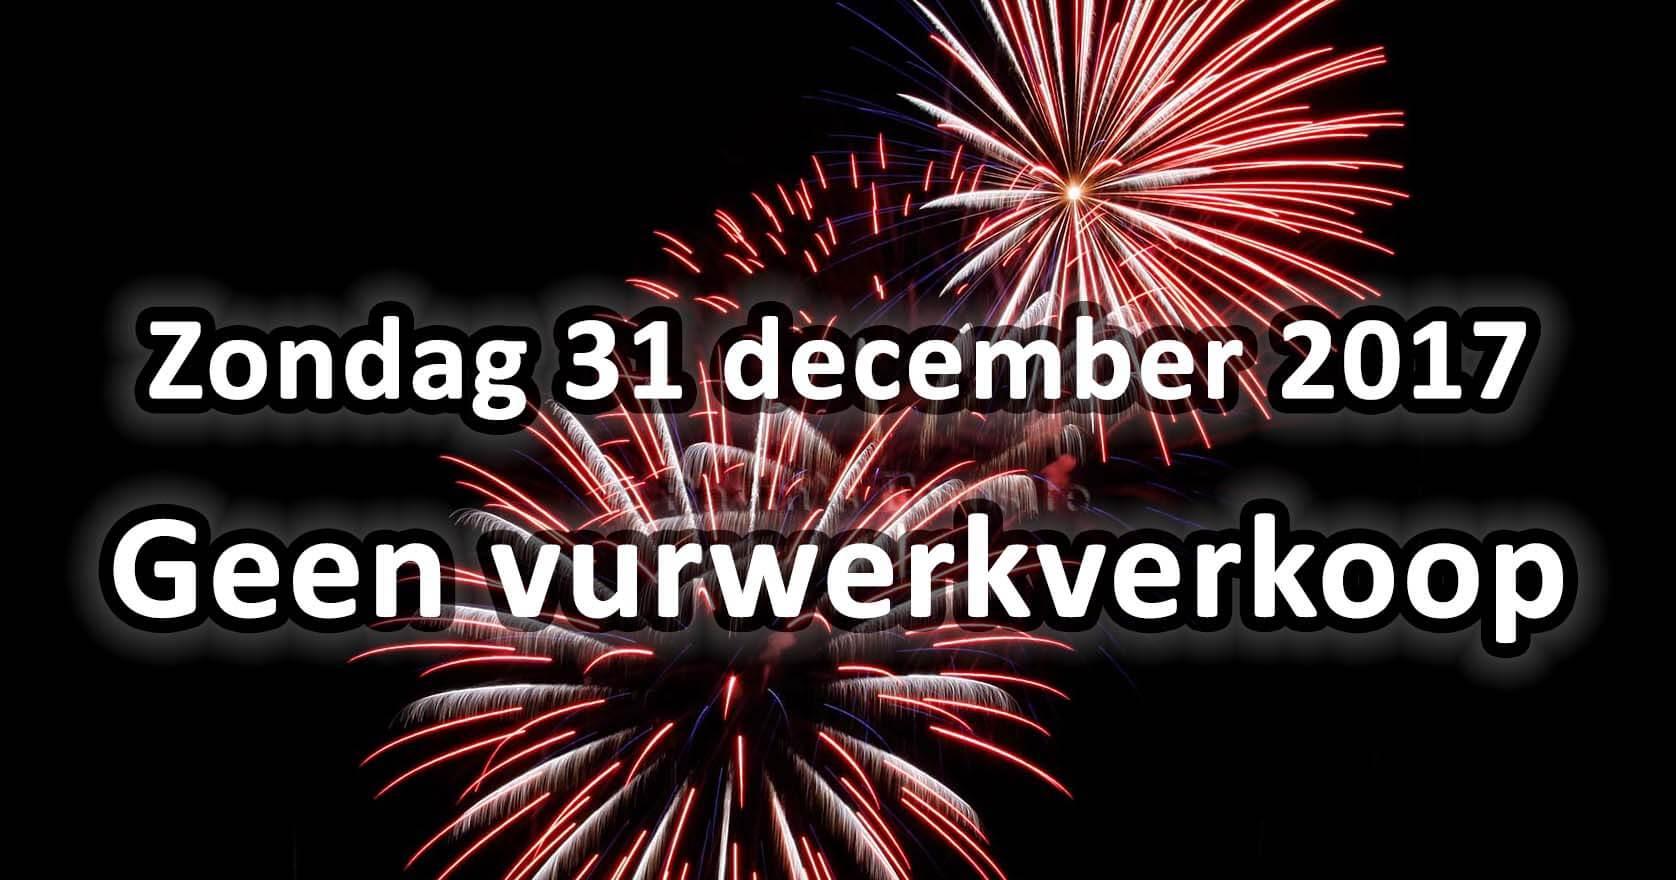 Geen vuurwerkverkoop 31-12-2017